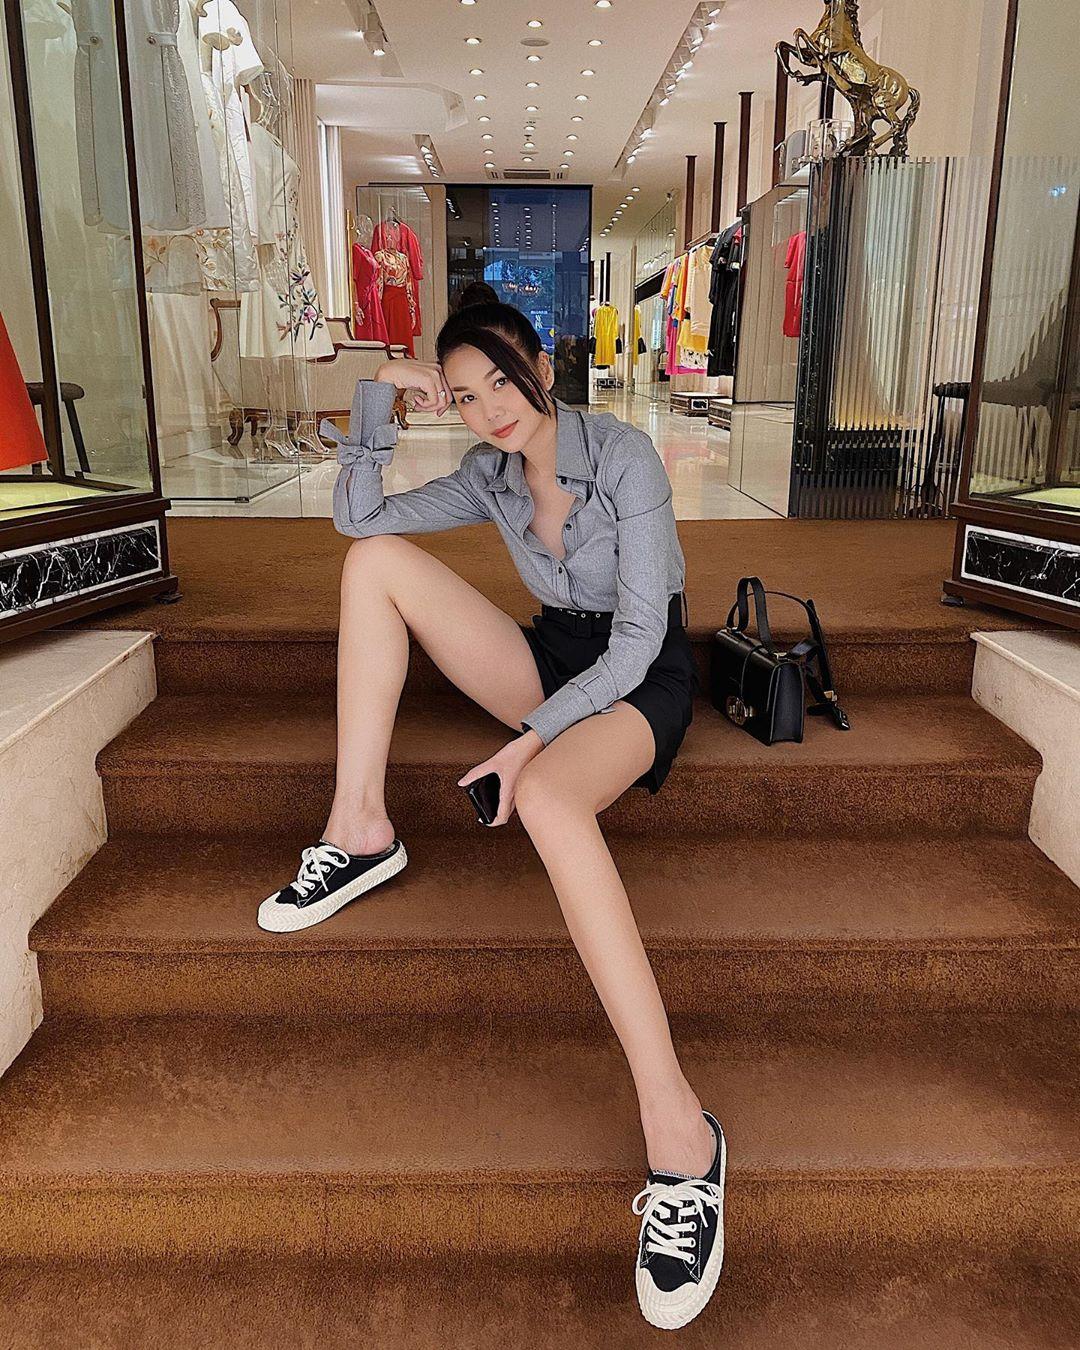 Có khi cô lại chon diên quần short cùng áo sơ mi dài tay, cố tình để hở một hai khuy áo tạo vẻ phóng khoáng. Thanh Hằng cũng không quên sơ vin giúp tôn chân dài triệt để.